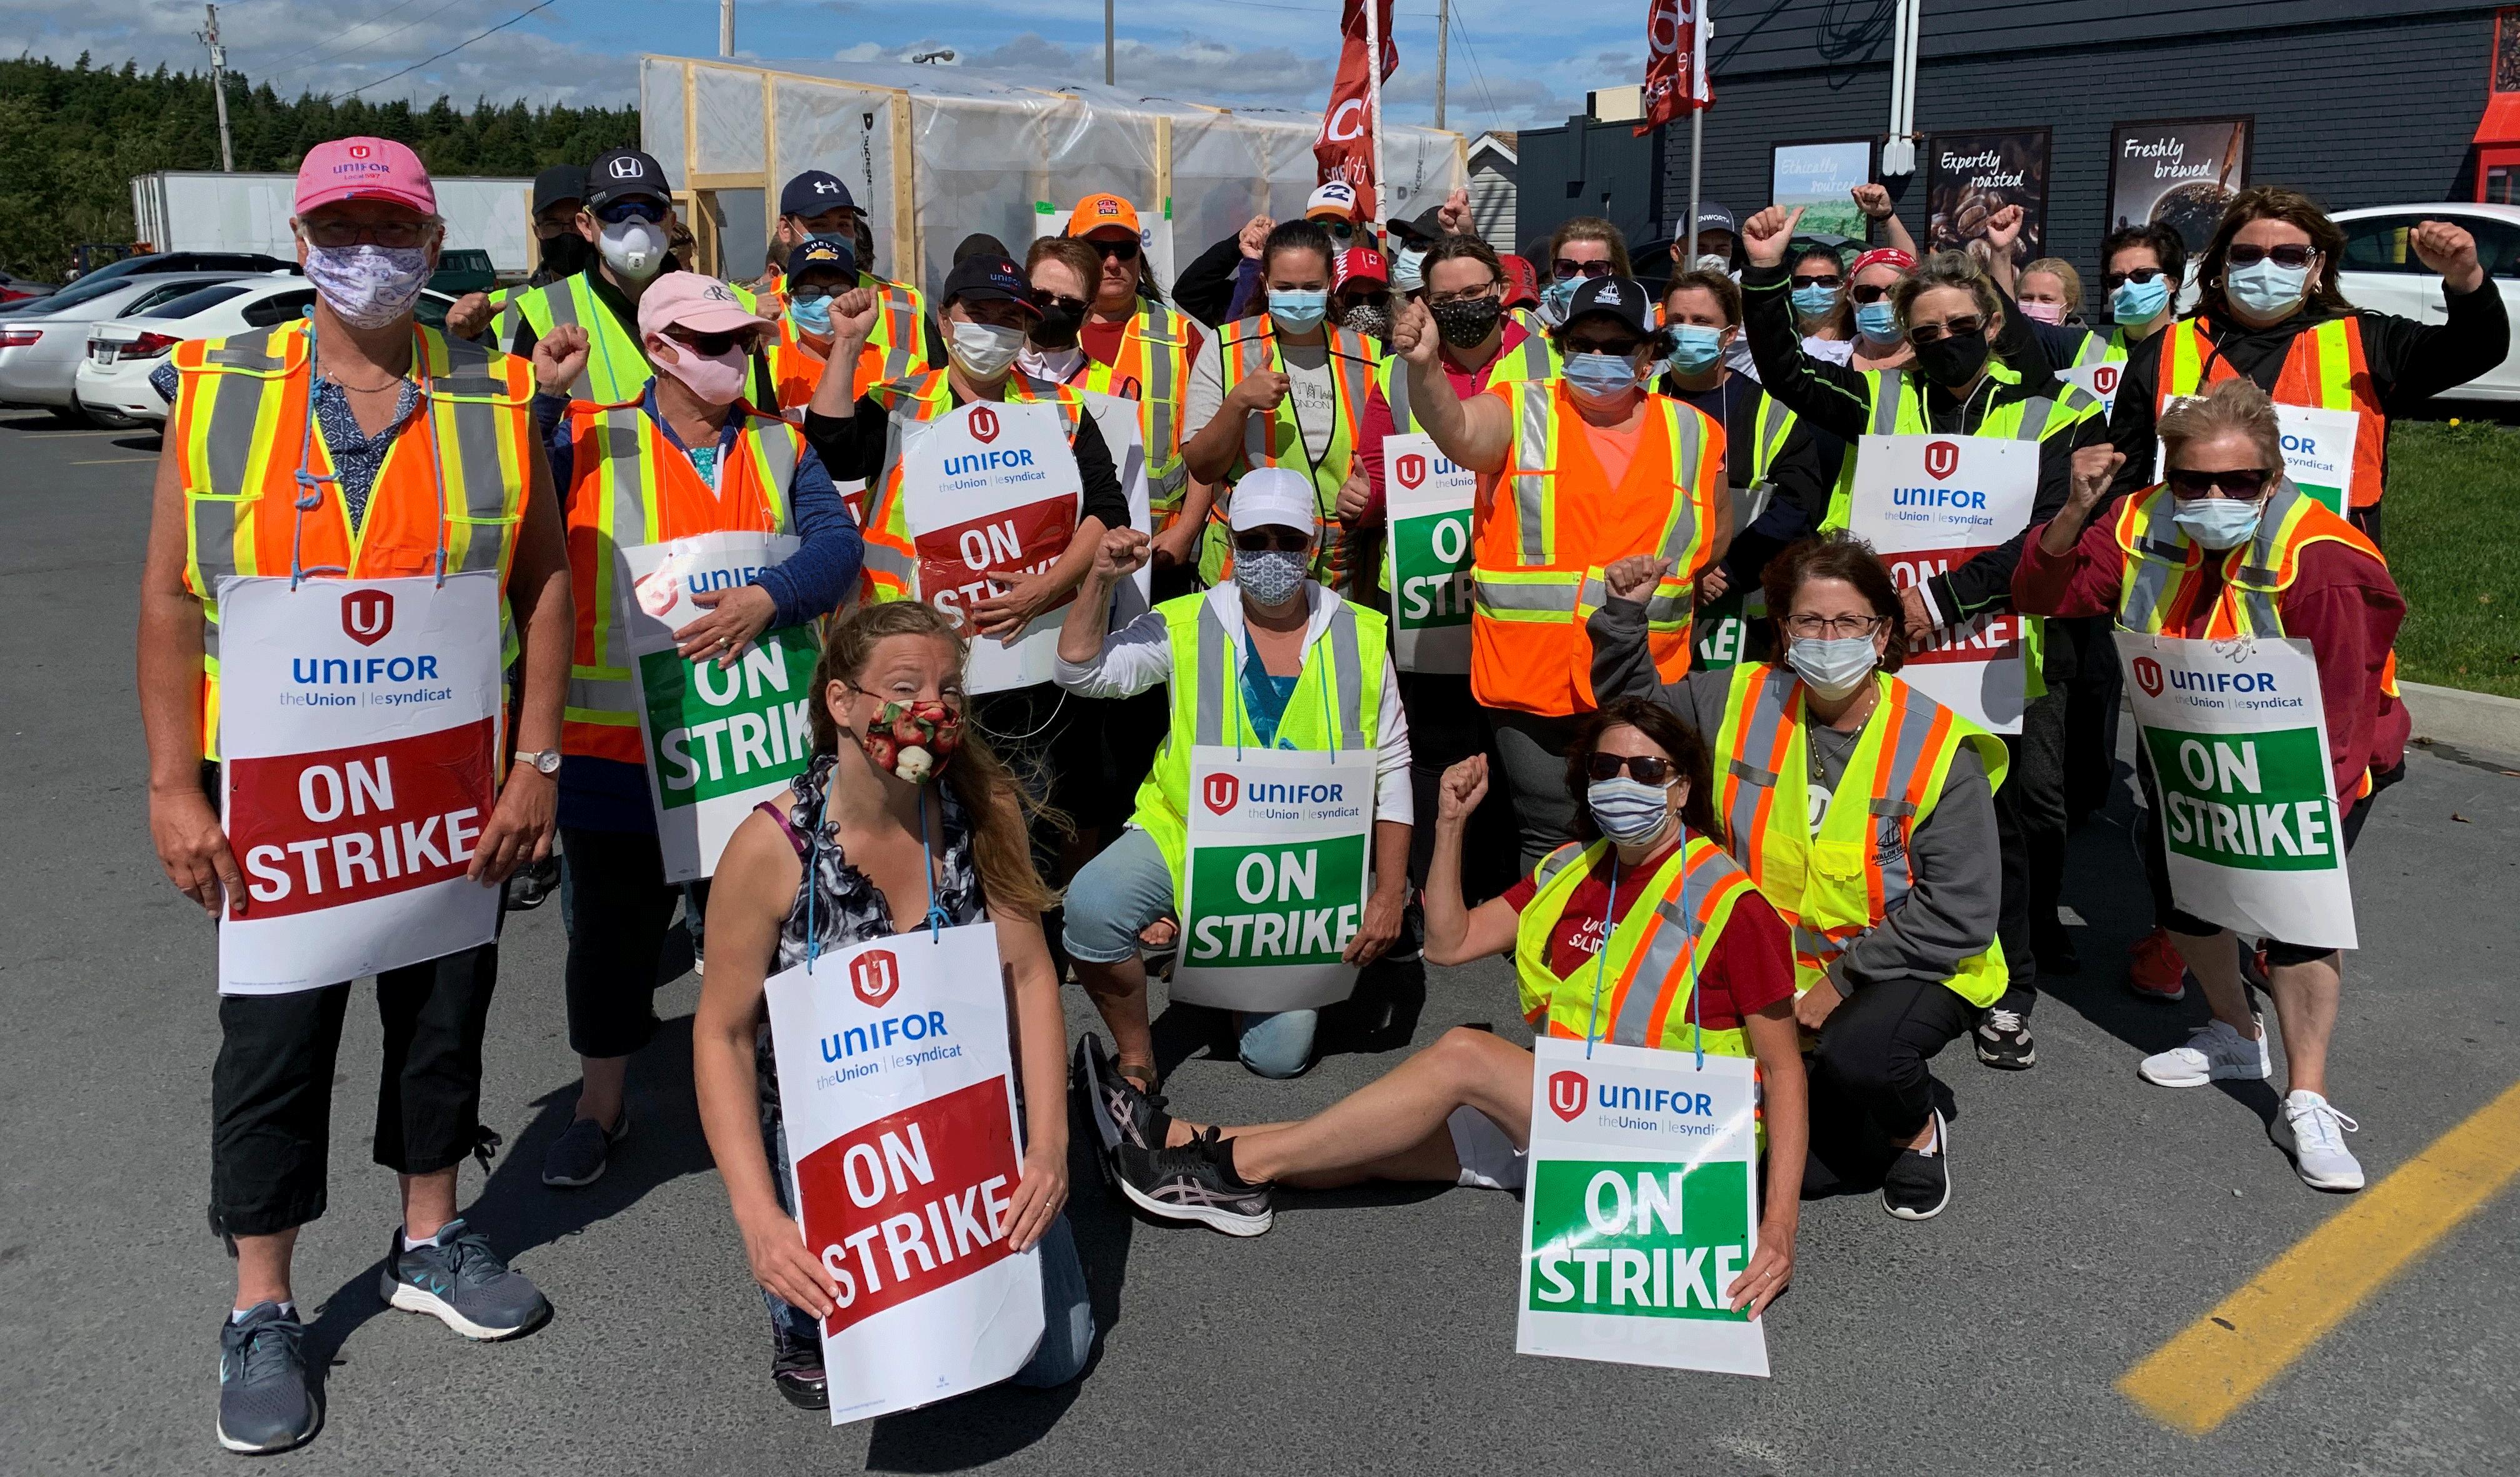 Des dizaines de travailleurs portant des masques et des gilets de sécurité tiennent des pancartes « en grève ».